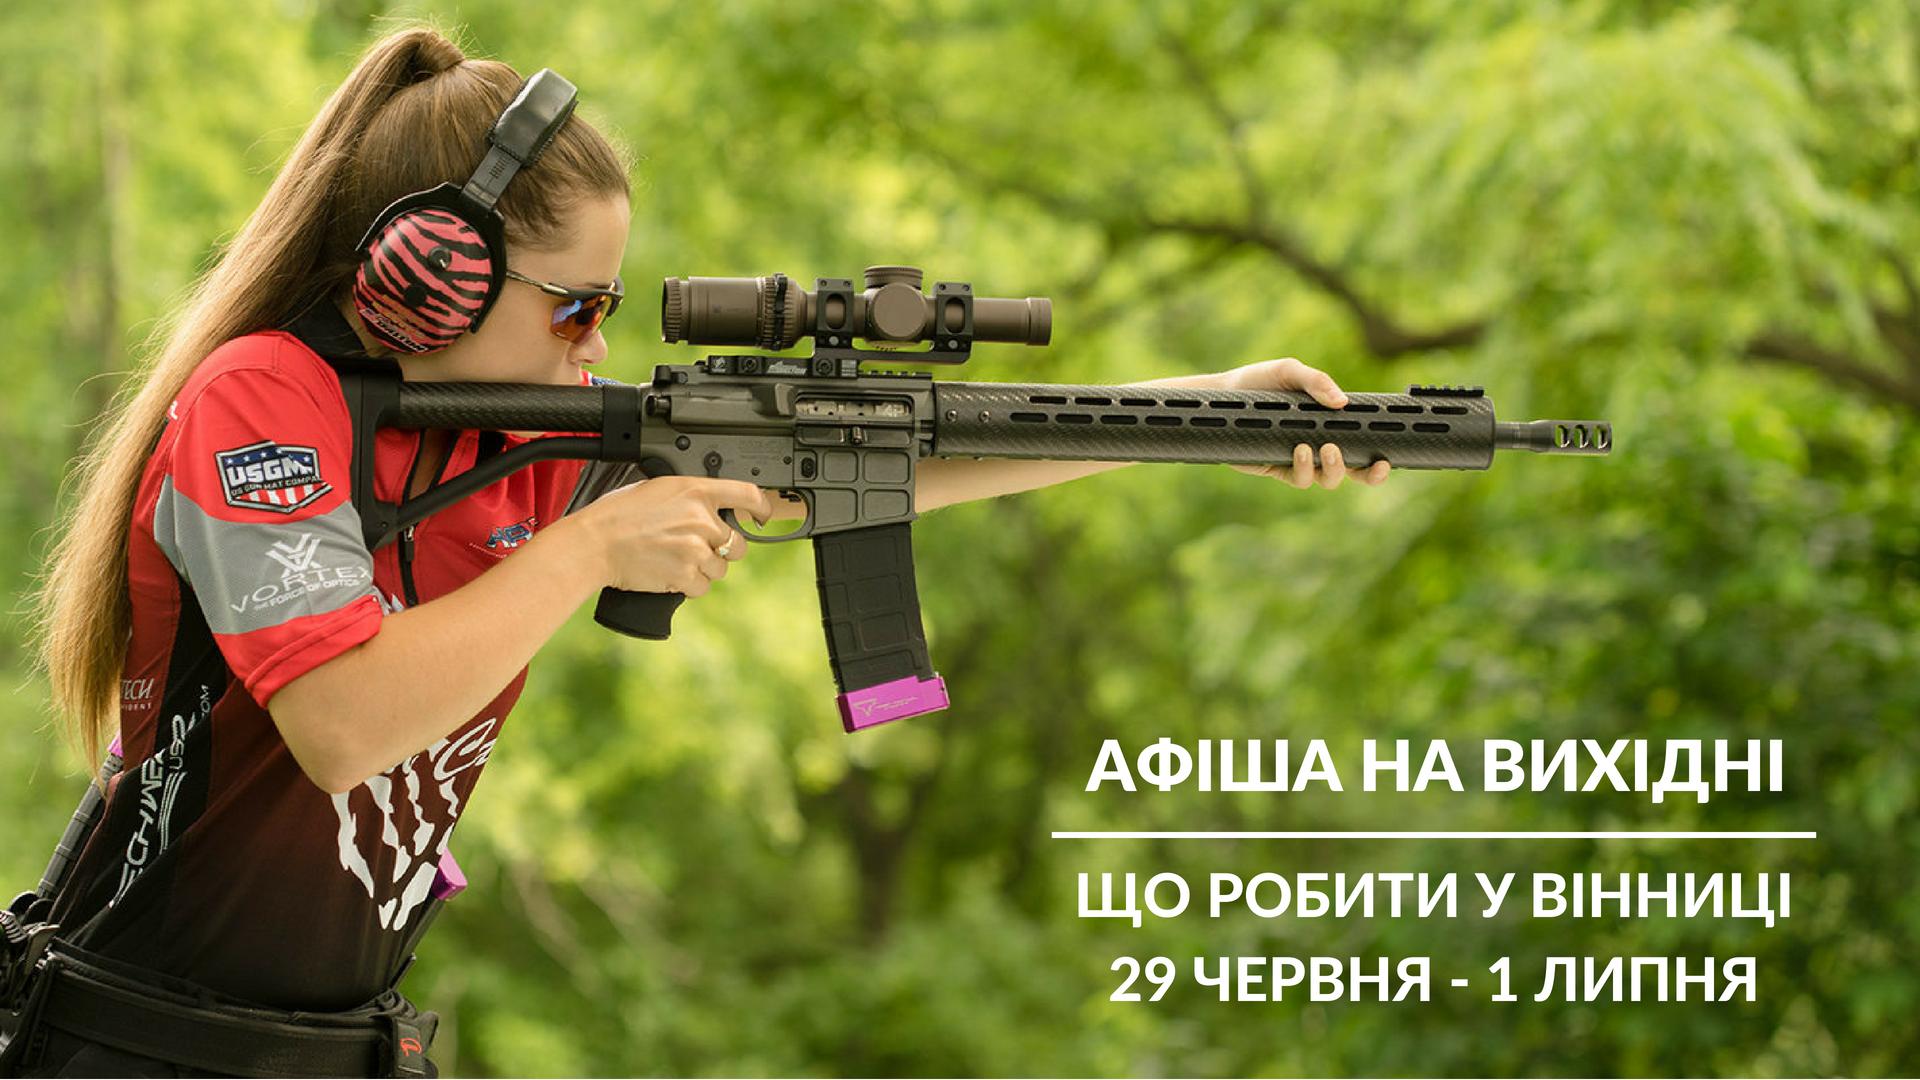 Що робити у Вінниці на вихідних: афіша на уікенд 29 червня – 1 липня